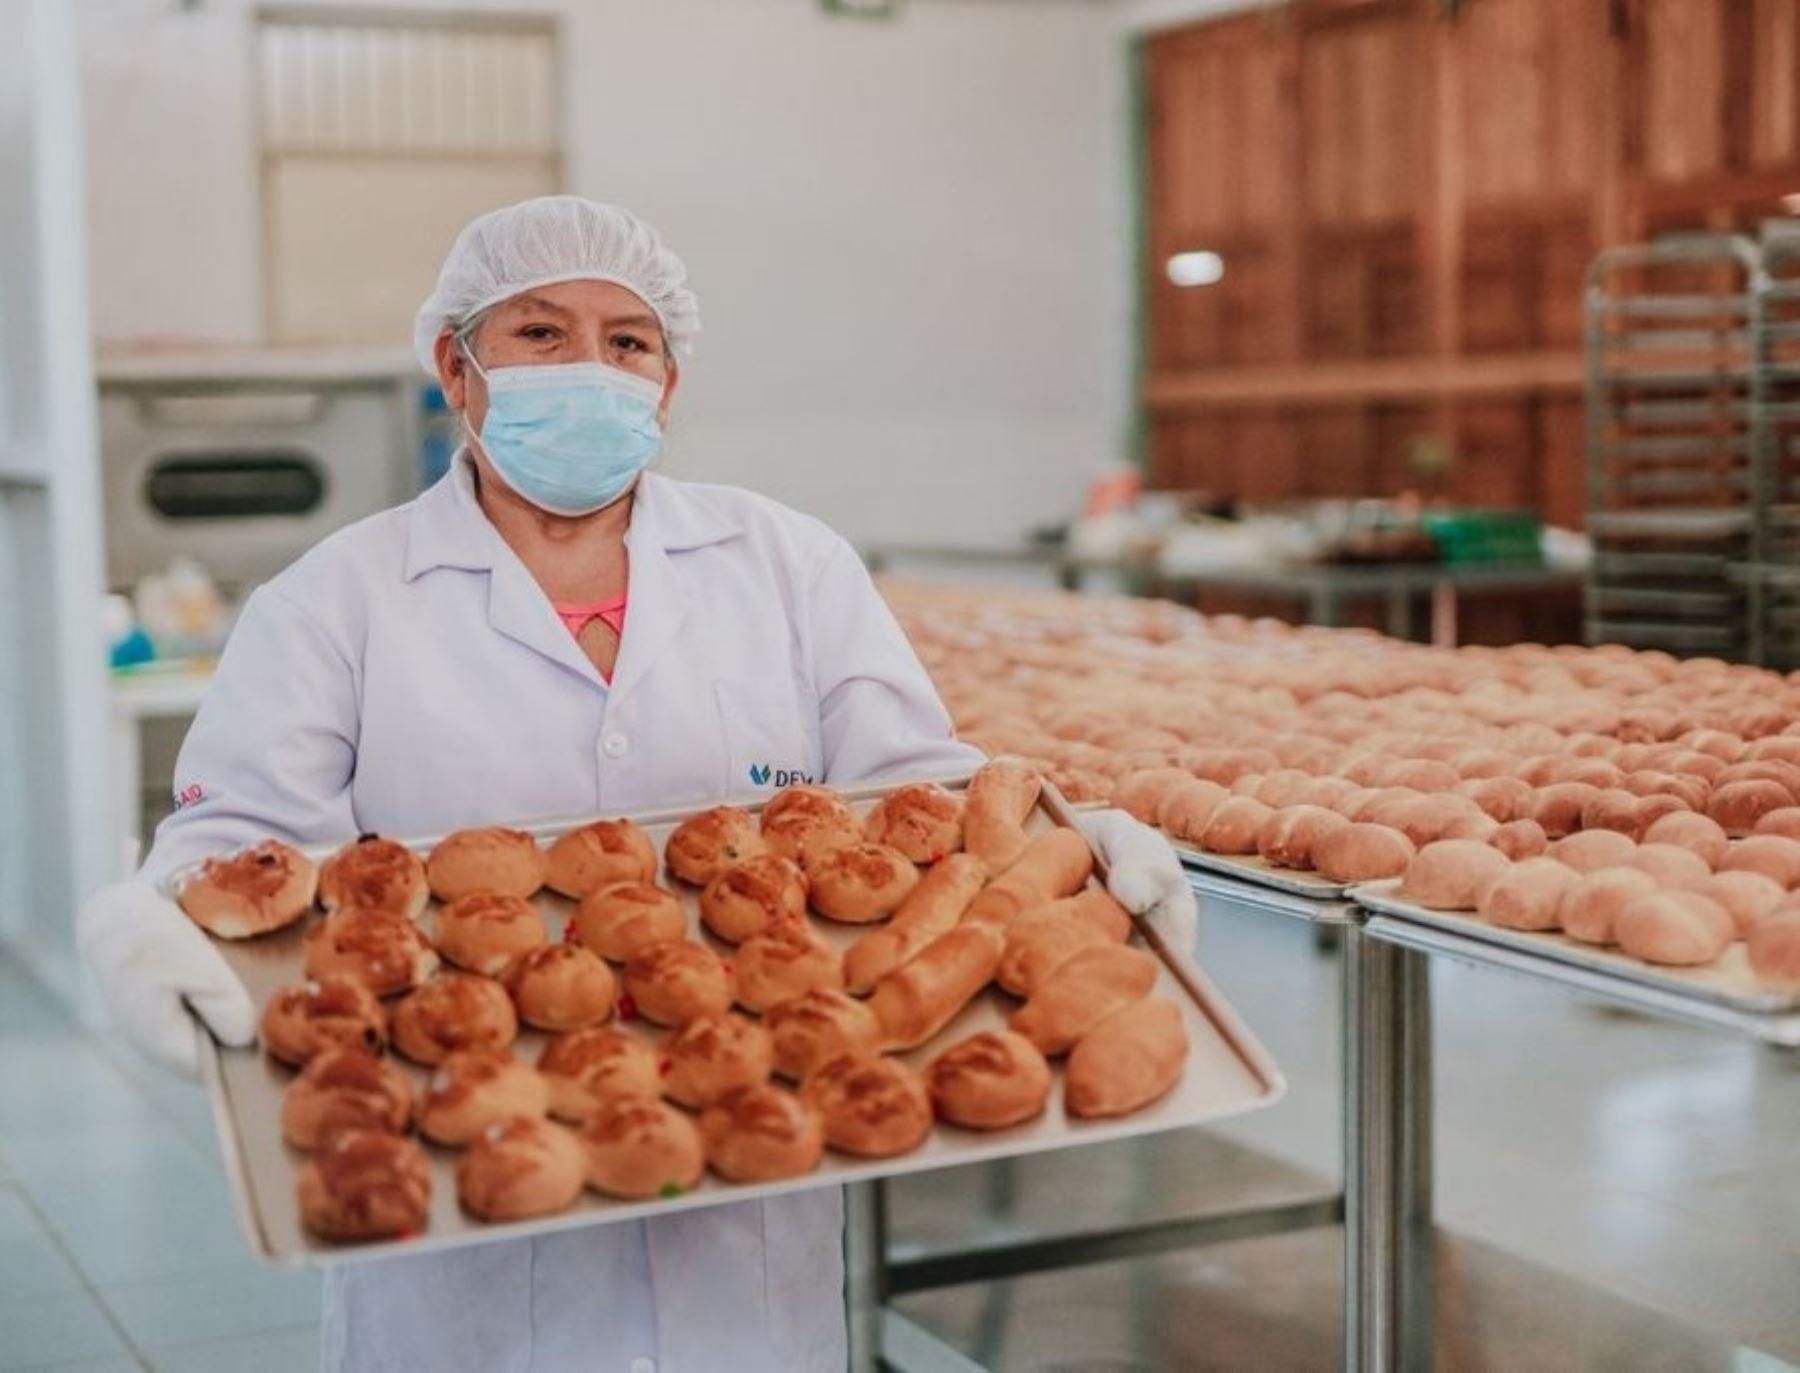 Mujeres emprendedoras implementan planta de producción de panes y pasteles en distrito de Irazola, región Ucayali. ANDINA/Difusión